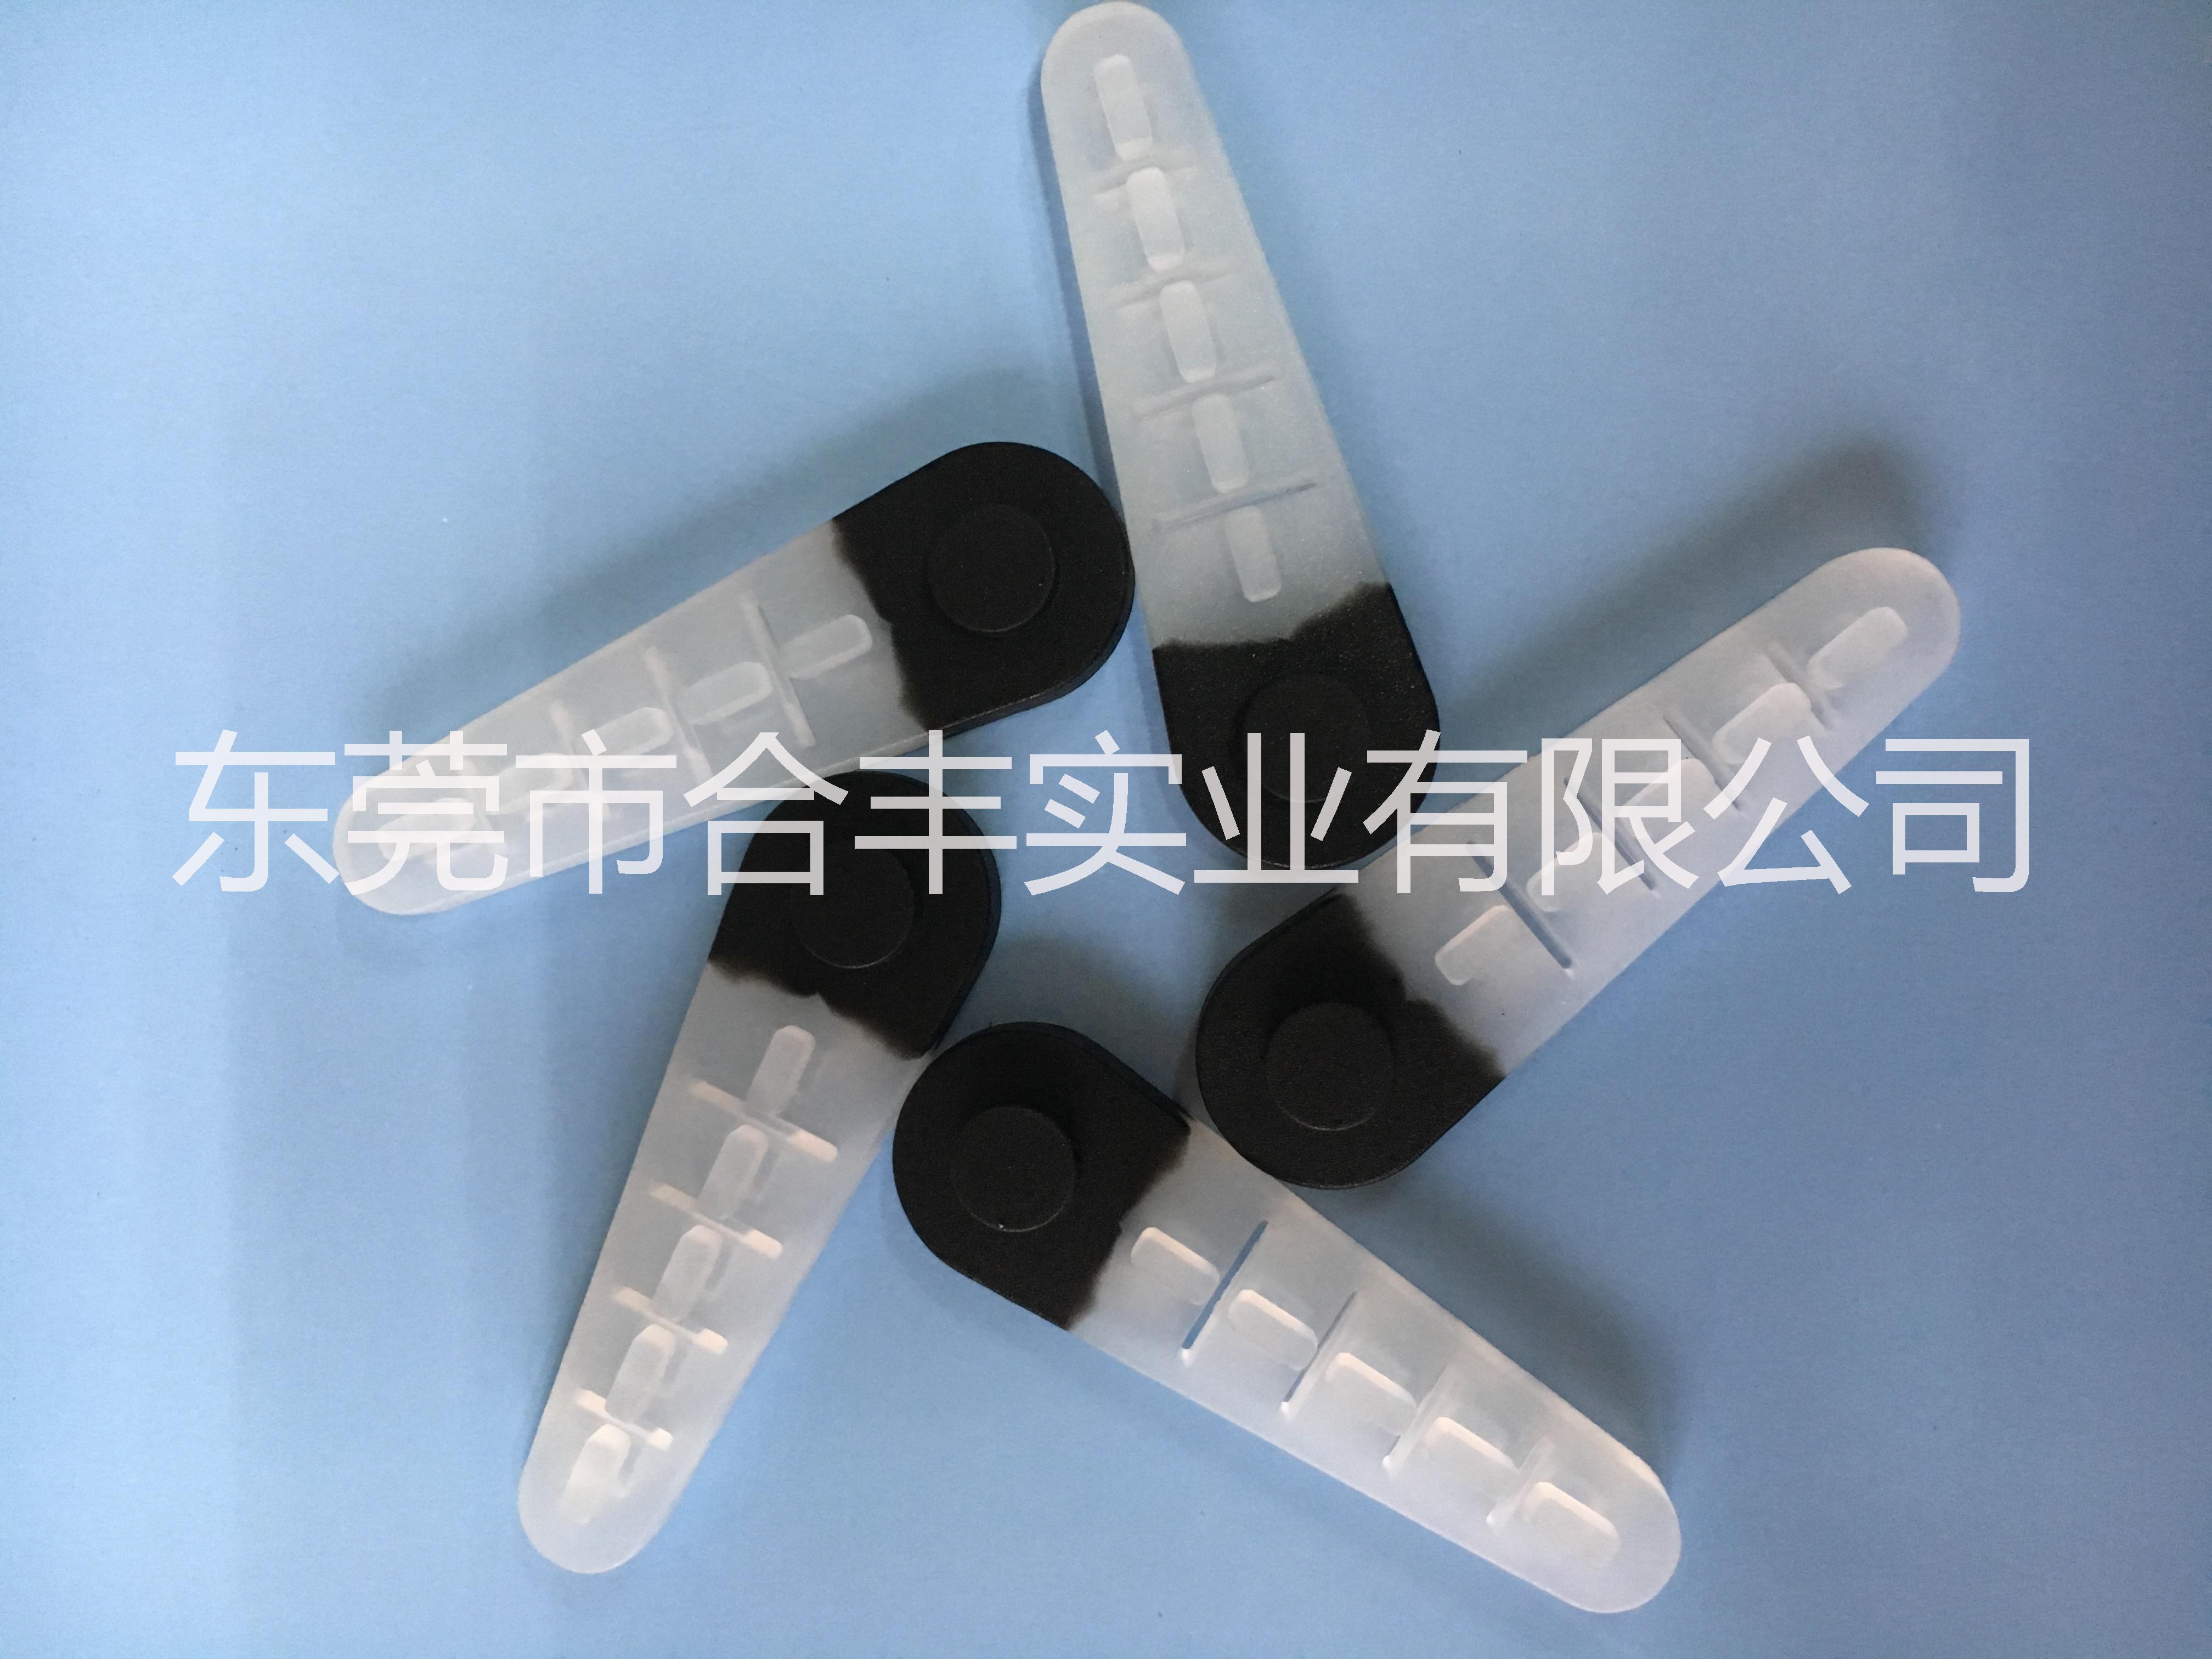 硅胶按钮生产厂家 橡胶按钮制作 按钮量产